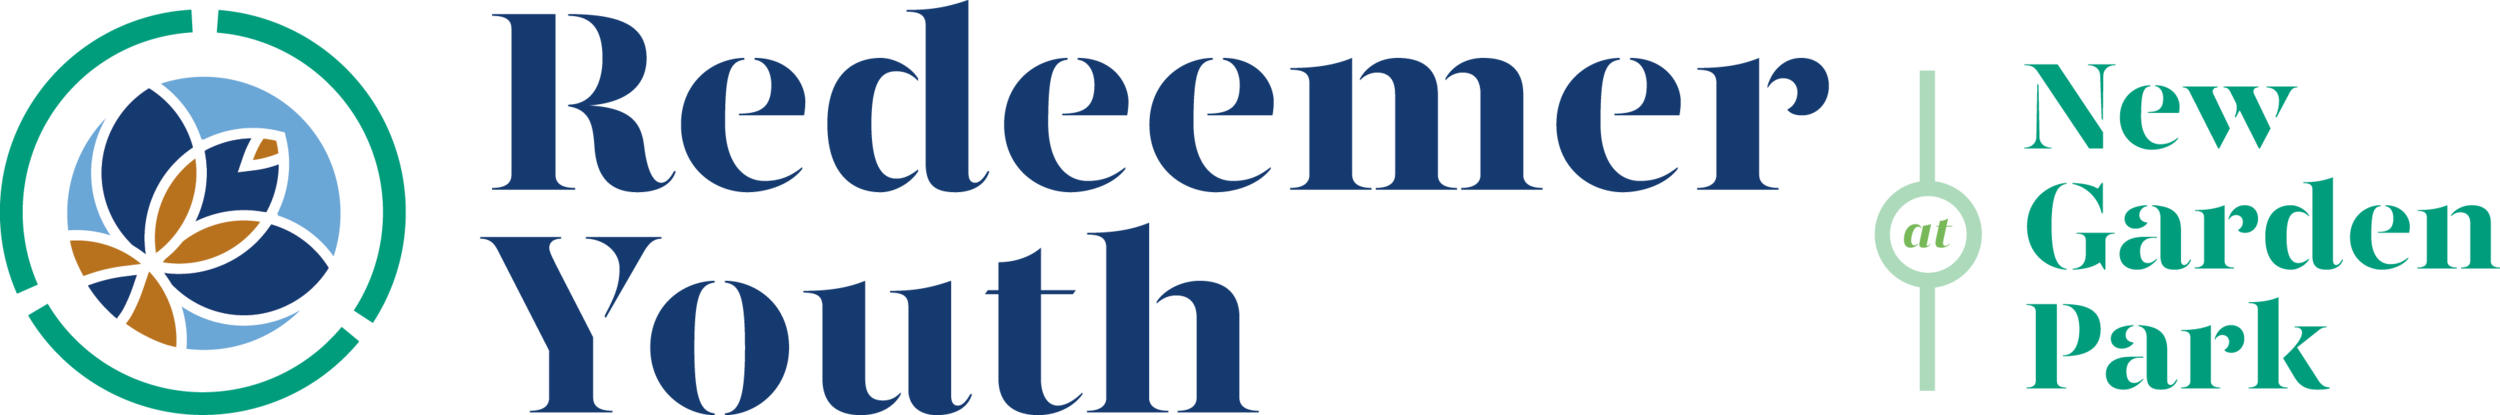 NGP_Redeemer-Youth_Logo.png